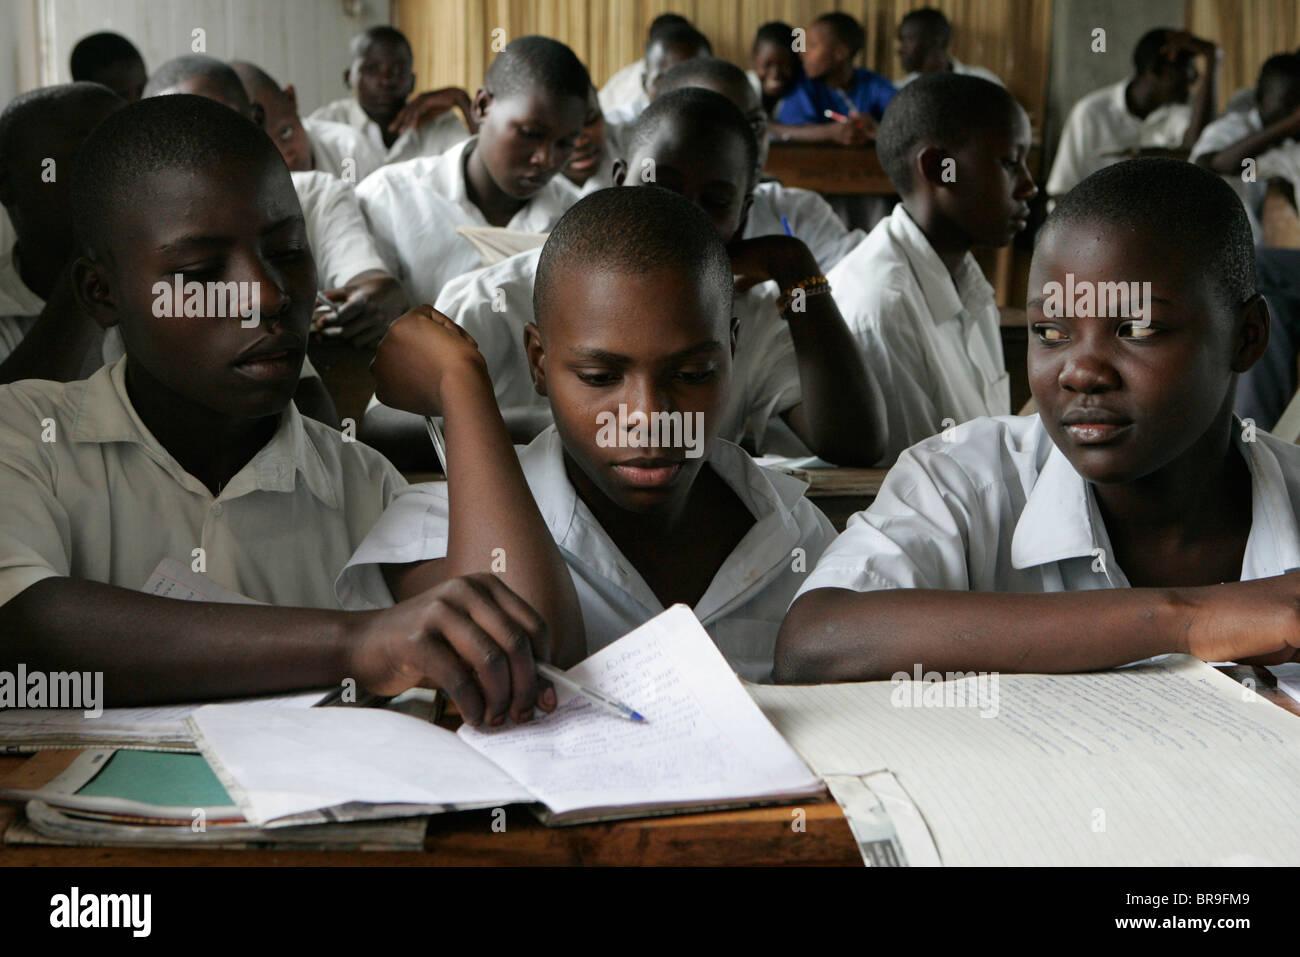 Les jeunes filles étudient dans une chambre de l'école dans les régions rurales de l'Ouganda. Photo Stock